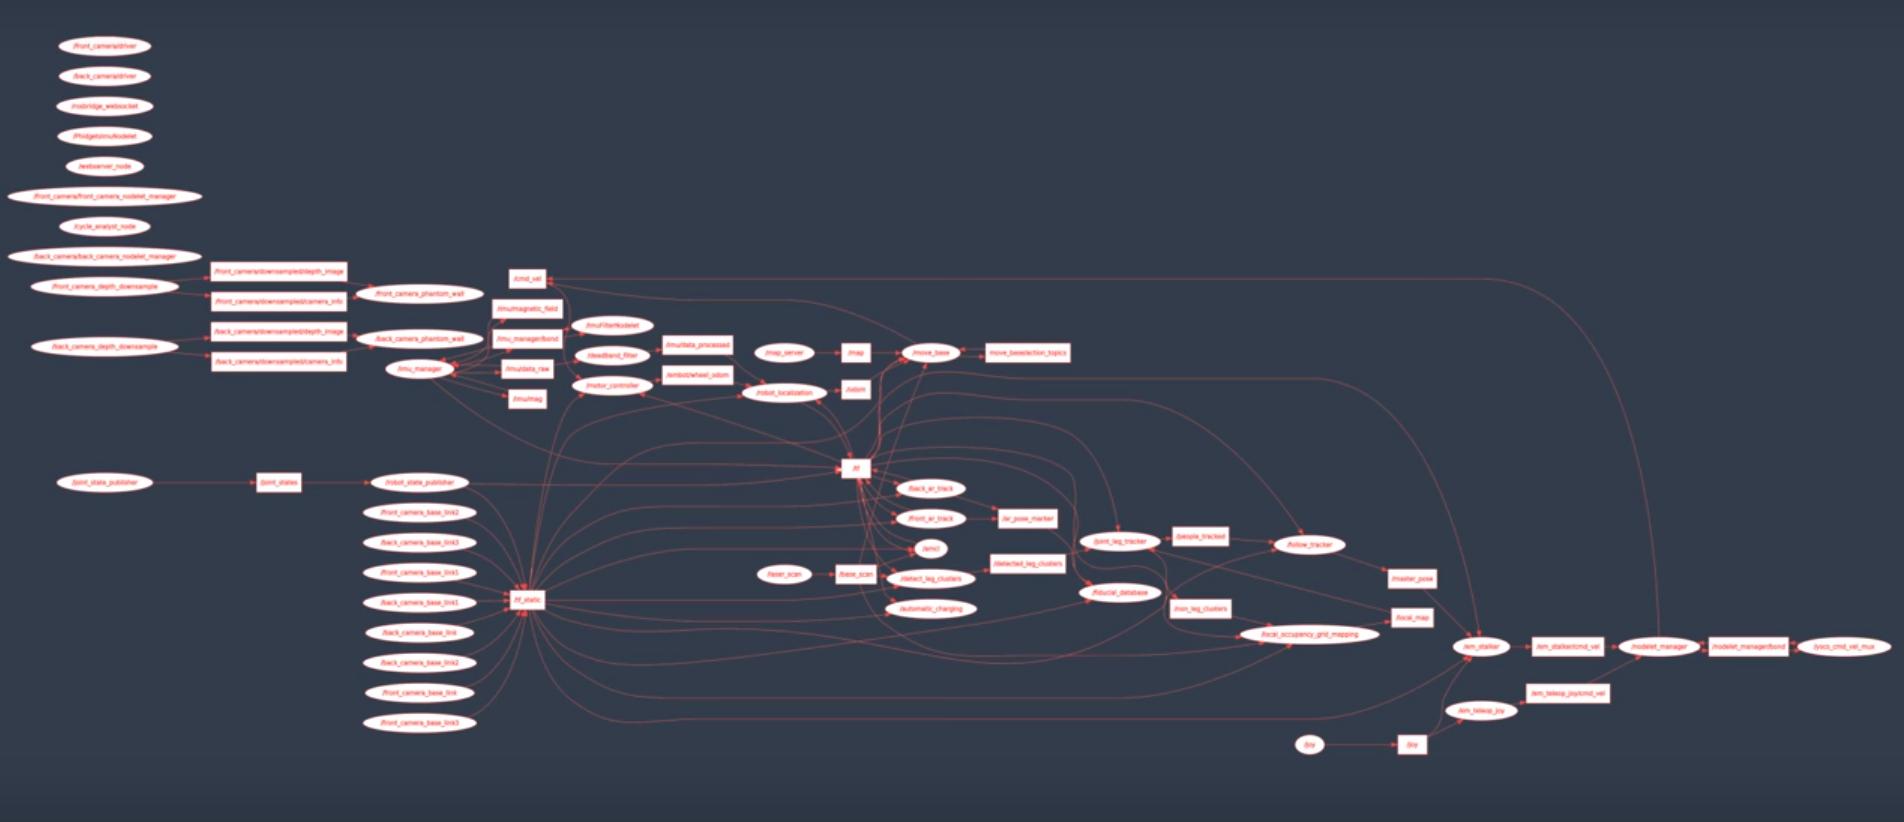 SDC Many ROS nodes